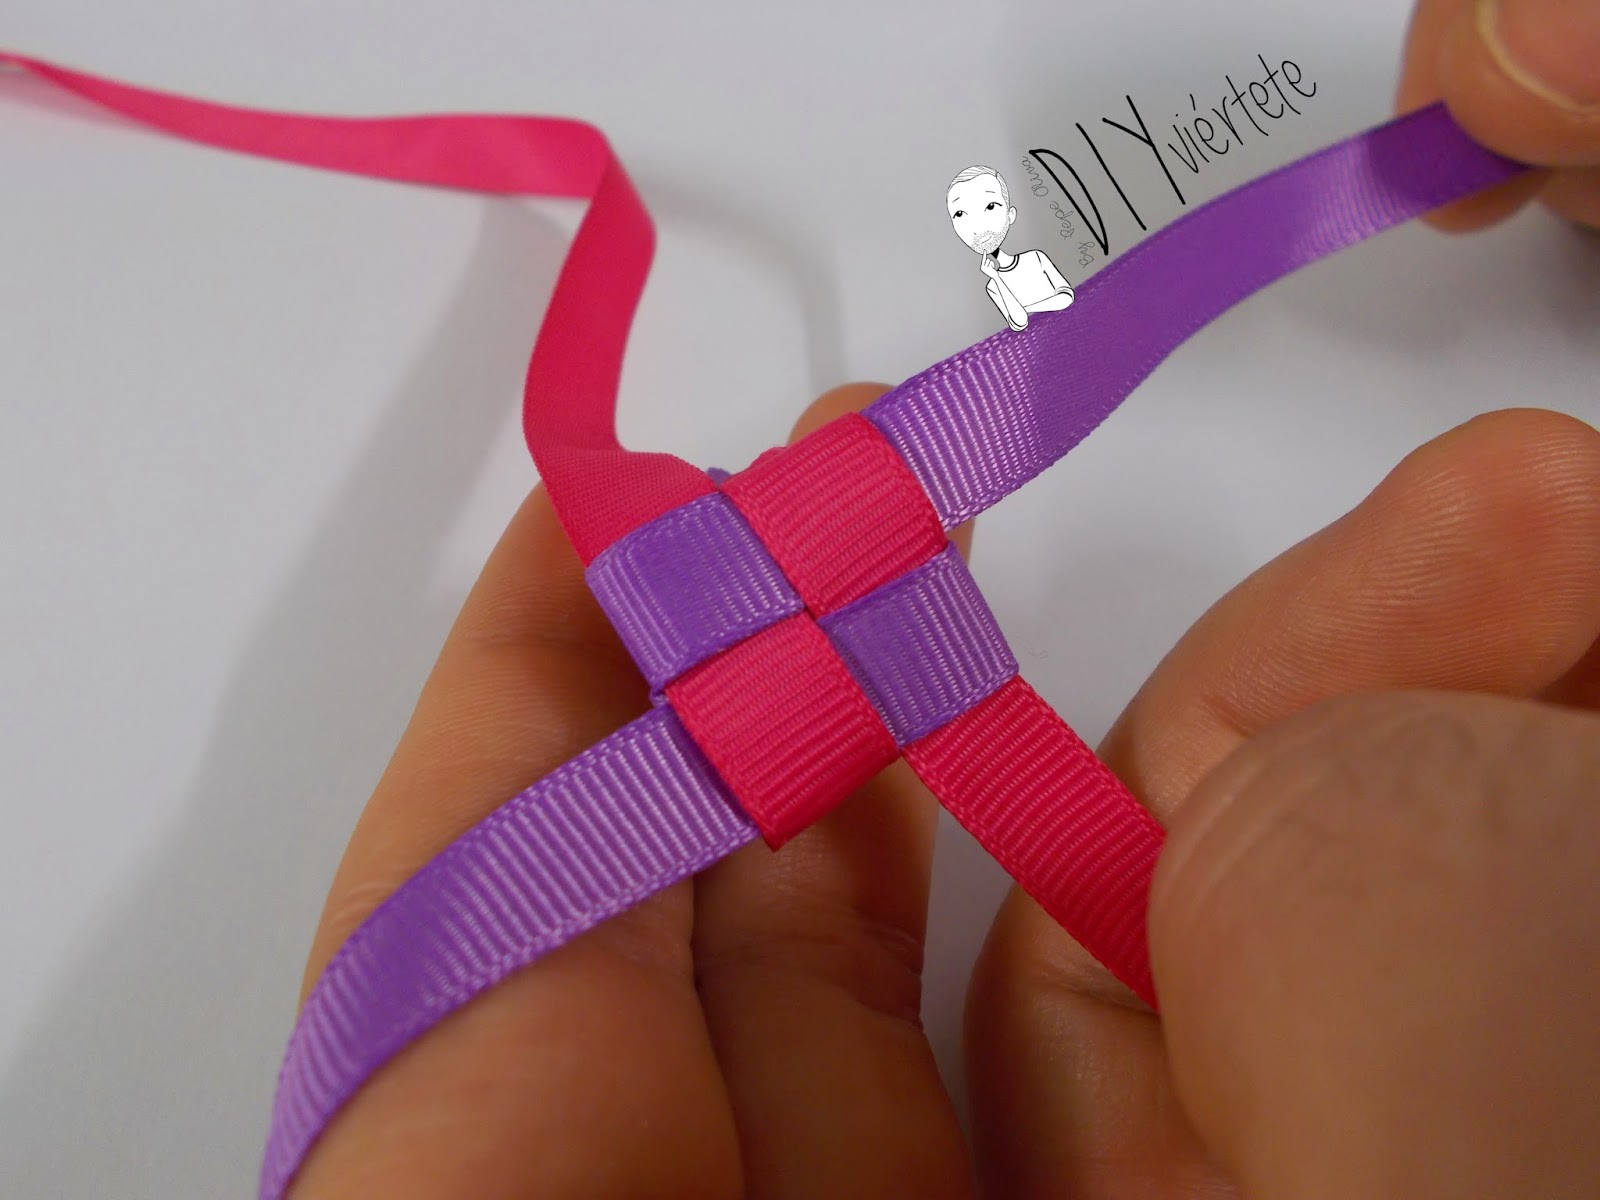 BLOGERSANDO-marzo-lila-collar-cinta raso-mujer trabajadora-color mujer-morado-violeta-acordeón-bisutería-4